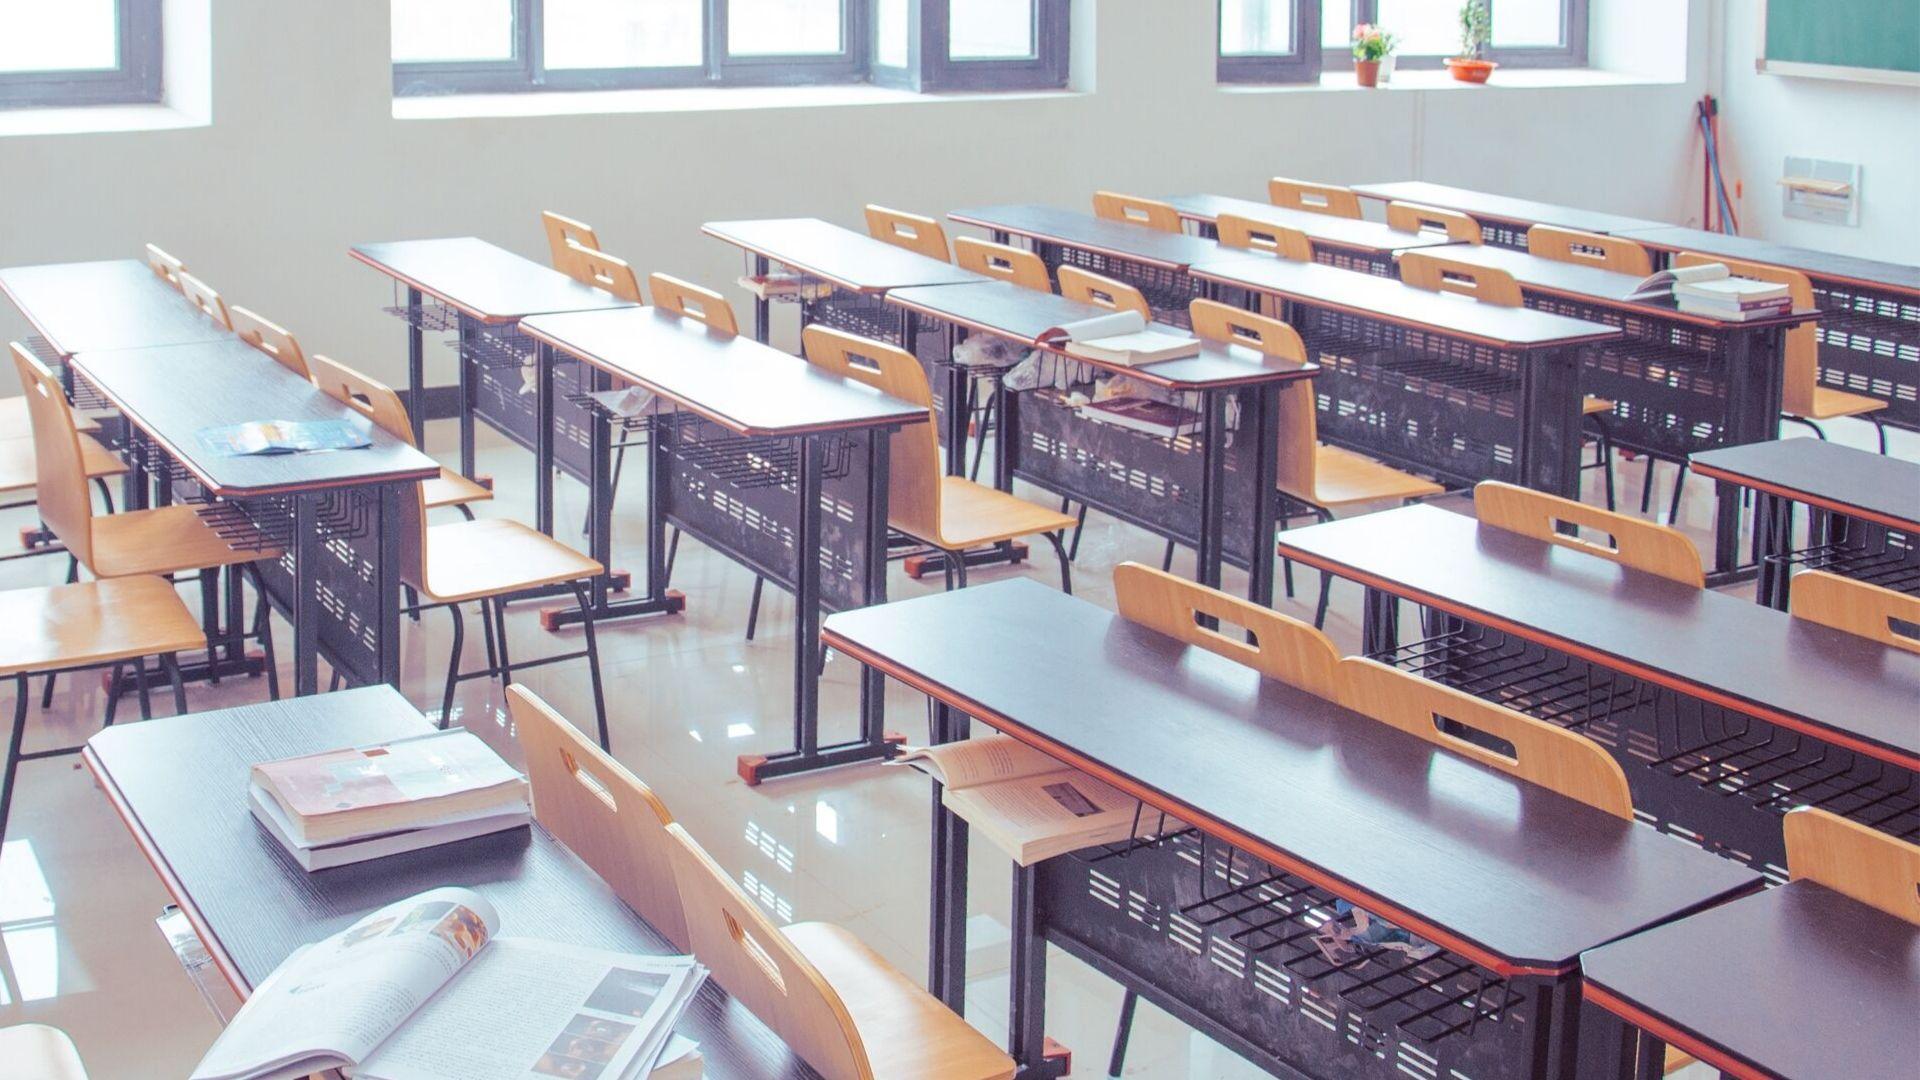 La dispersione scolastica non è solo banchi vuoti